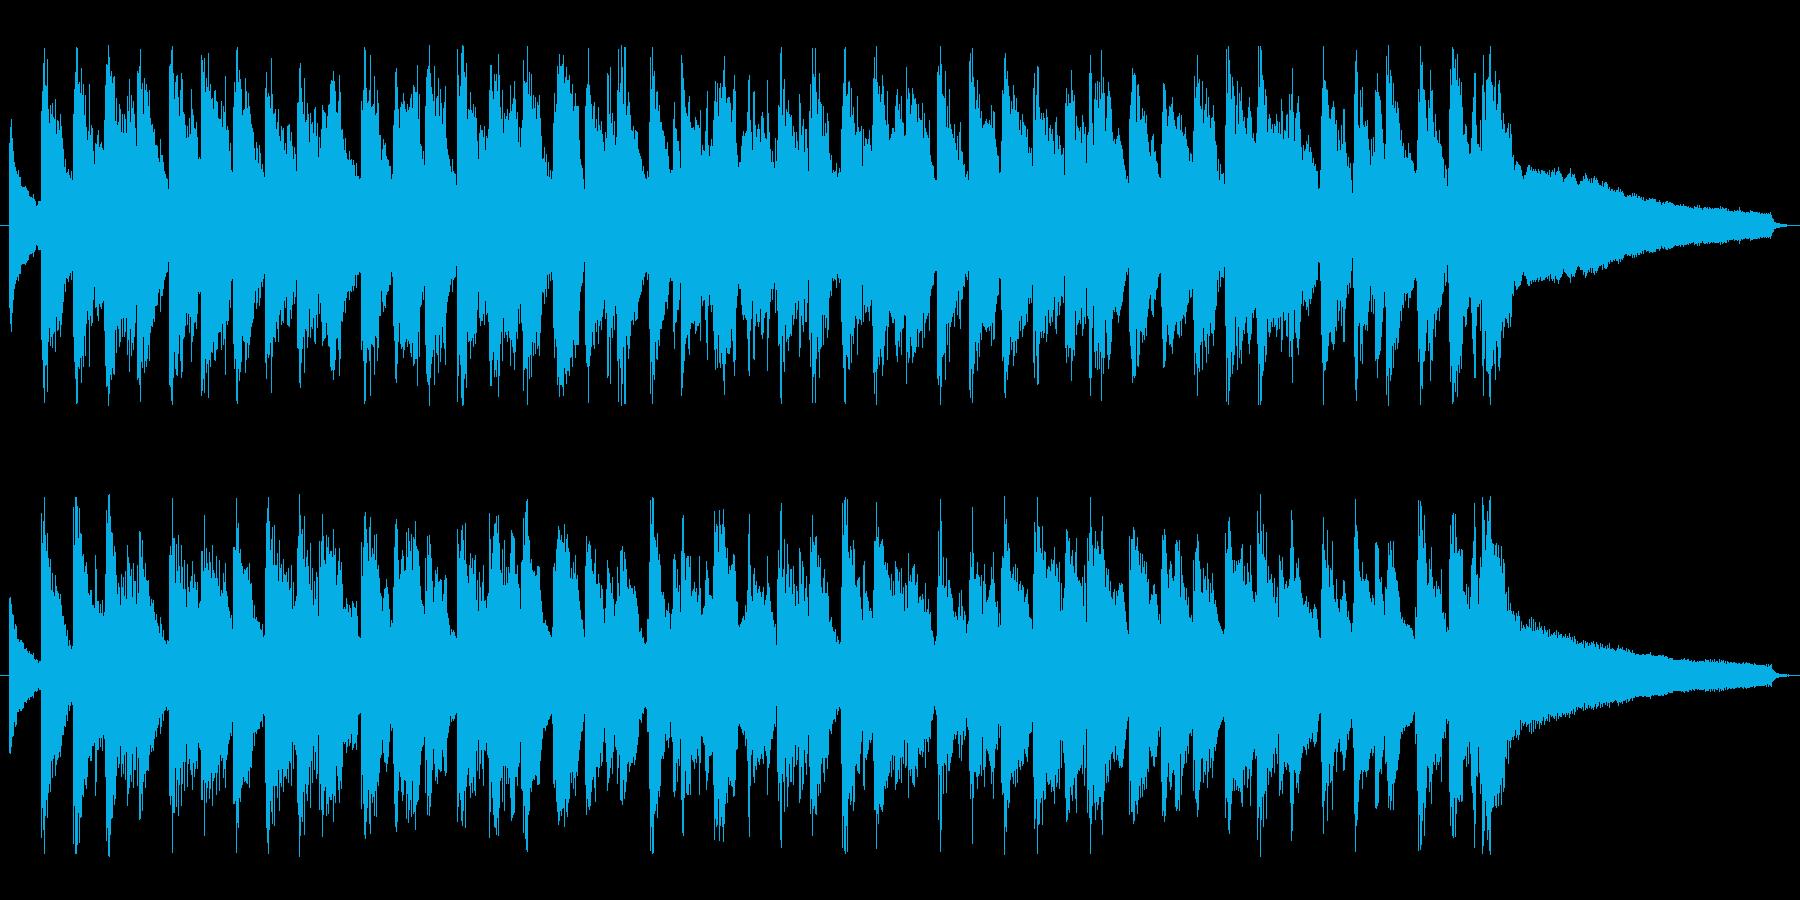 ライトジャズ「おめでとうクリスマス」の再生済みの波形